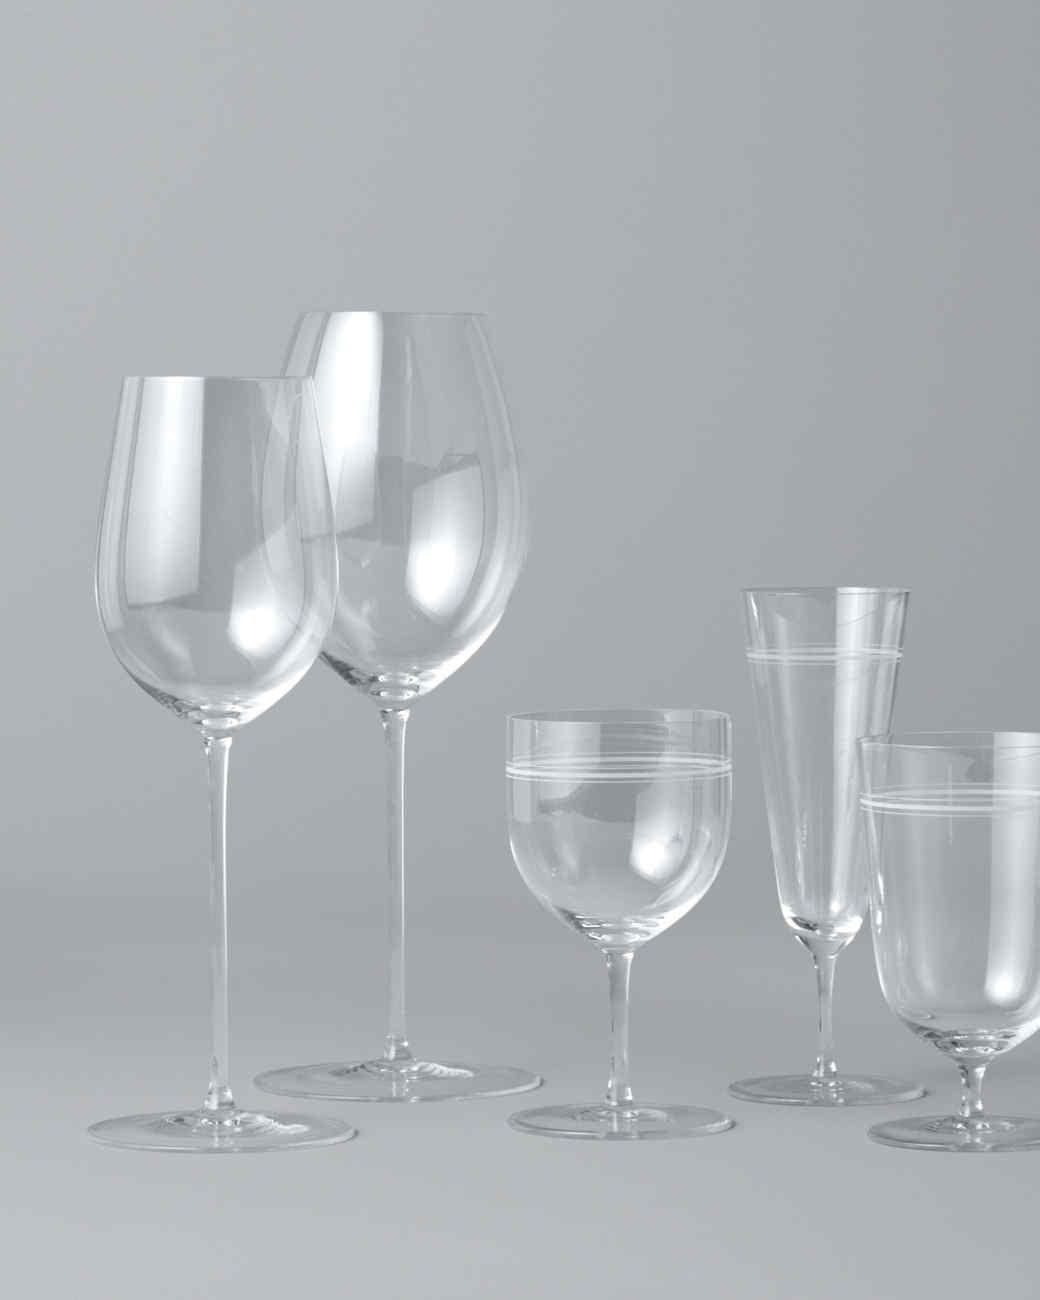 glasses-268-d112473.jpg